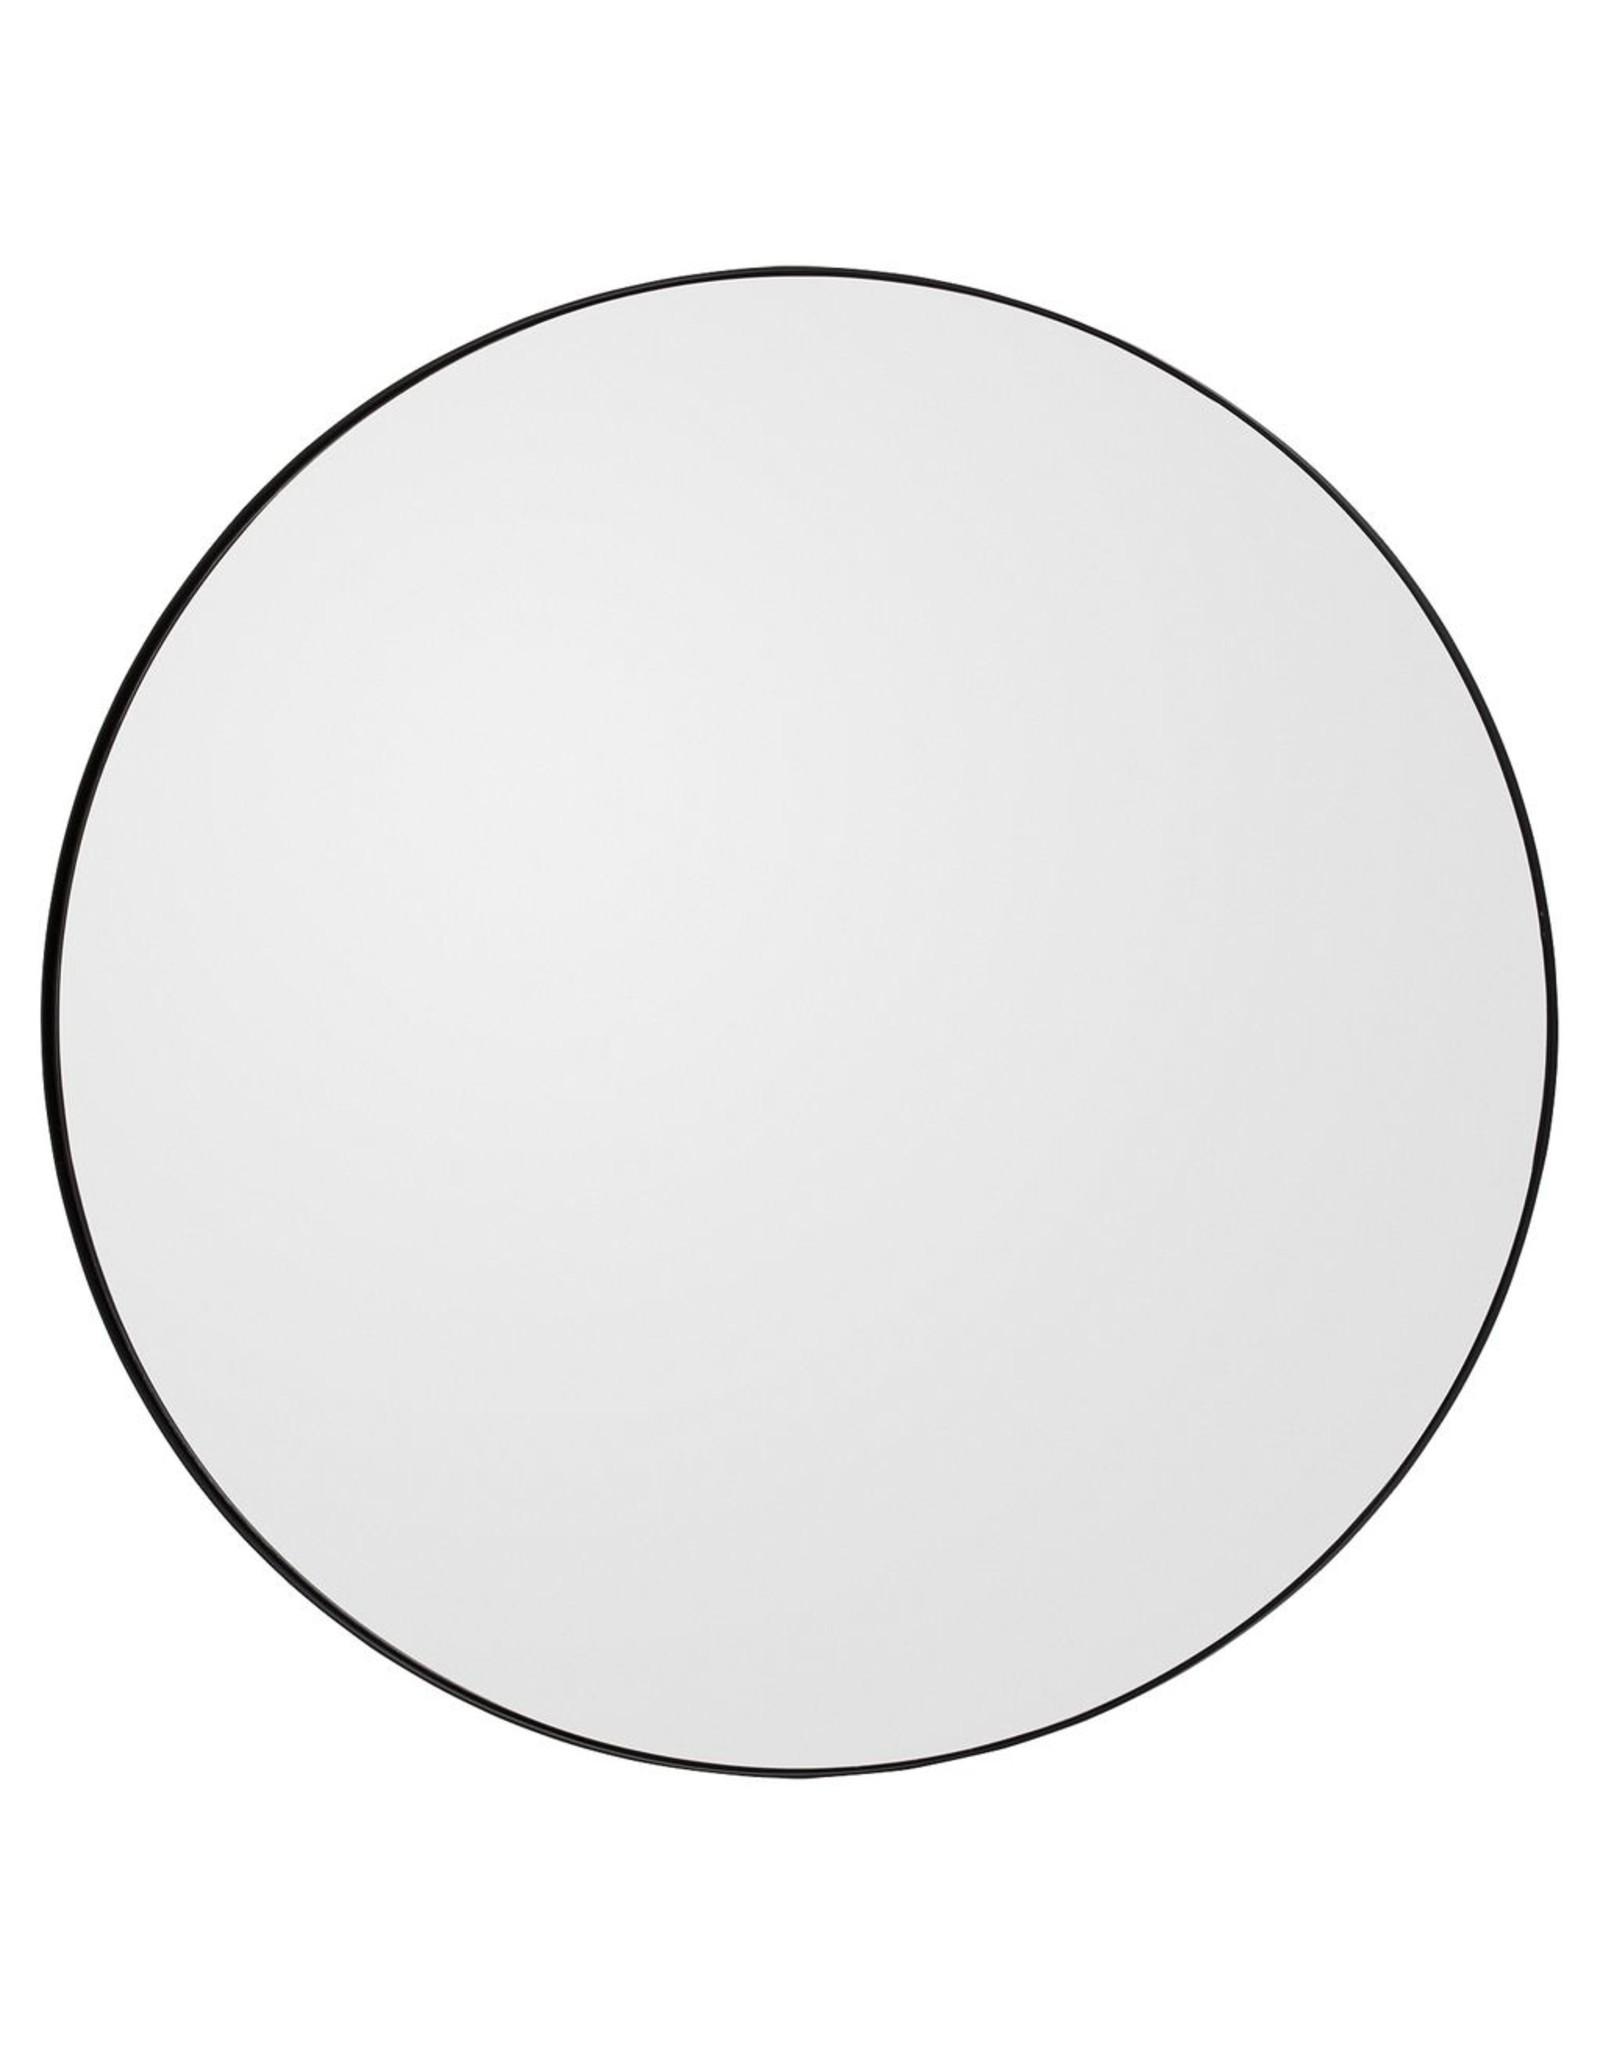 AYTM CIRCUM ROUND MIRROR BLACK D70